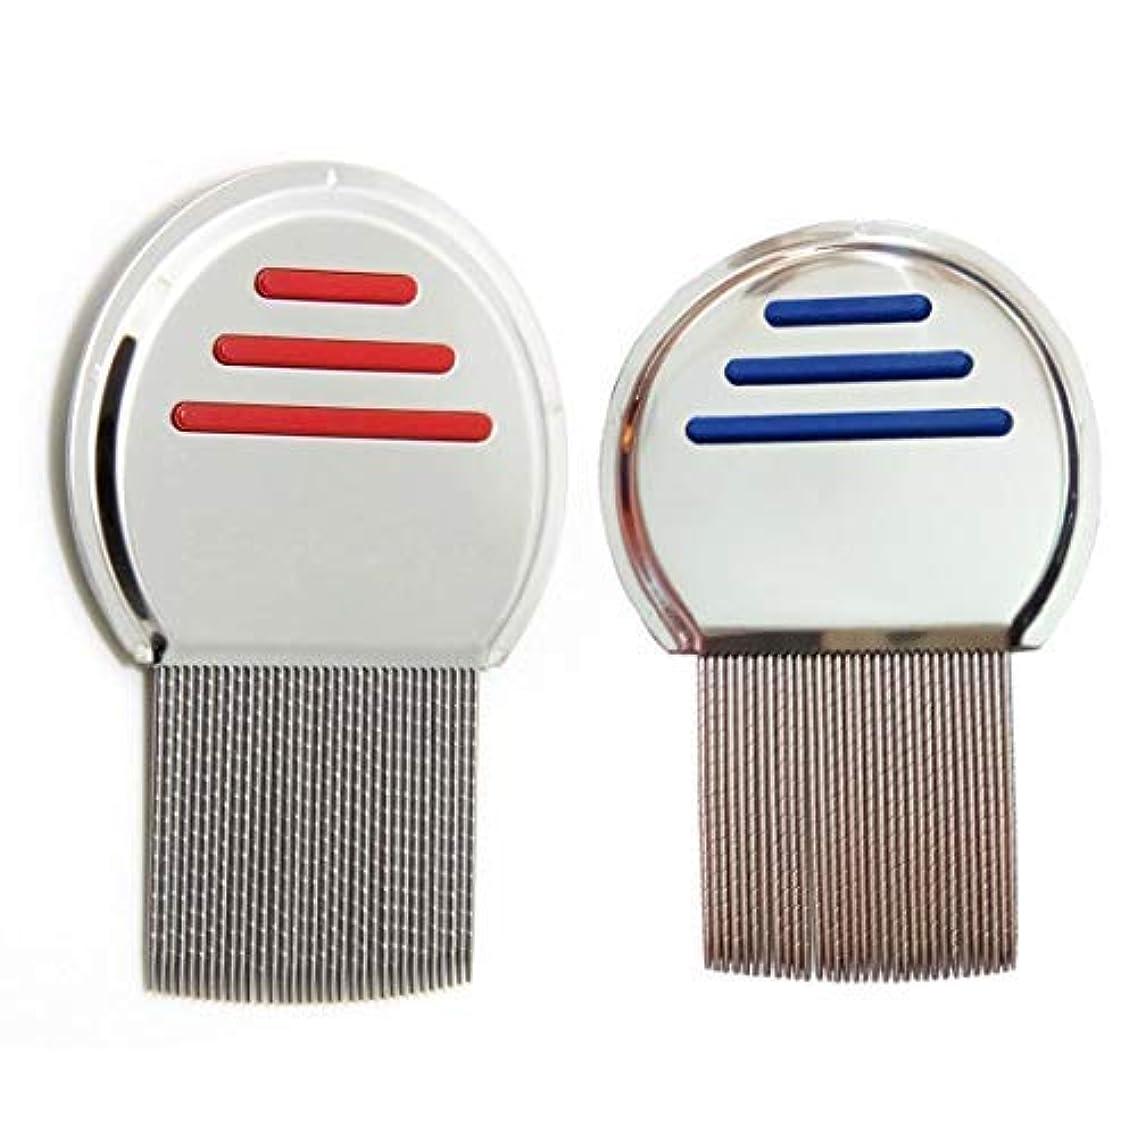 社説メルボルンアミューズ2 Pcs Stainless Steel Lice Dandruff Comb [並行輸入品]